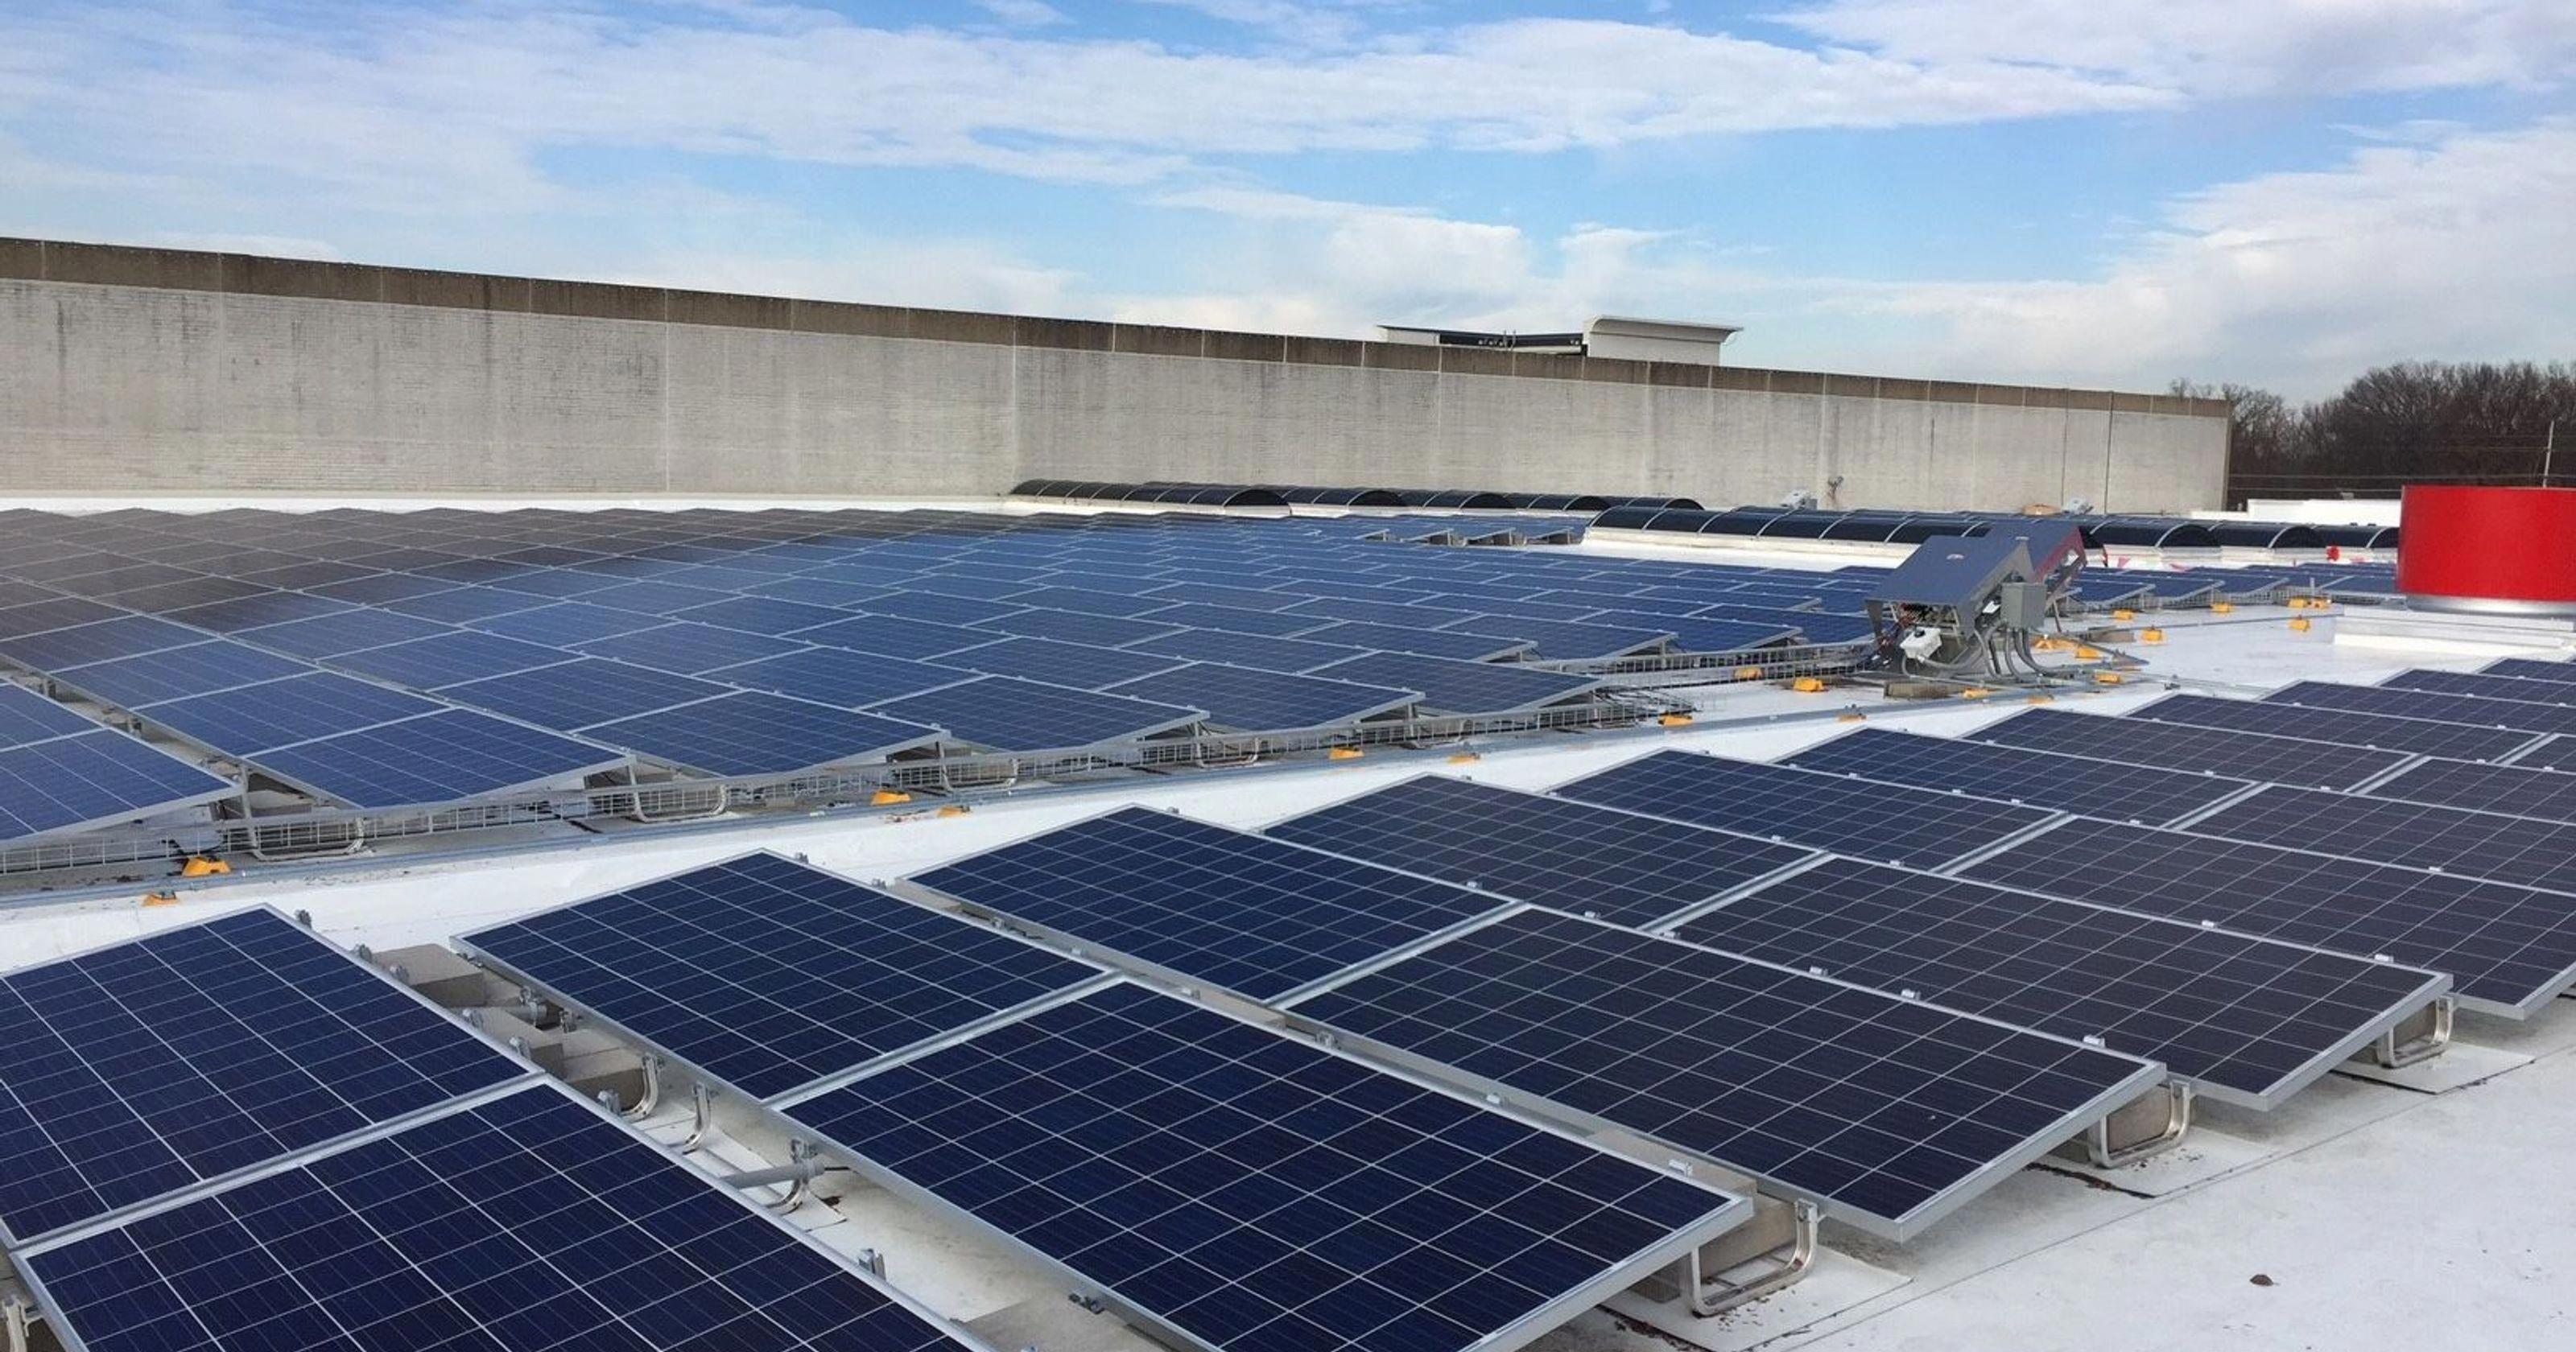 How to build solar panels 7 basic steps green life zen